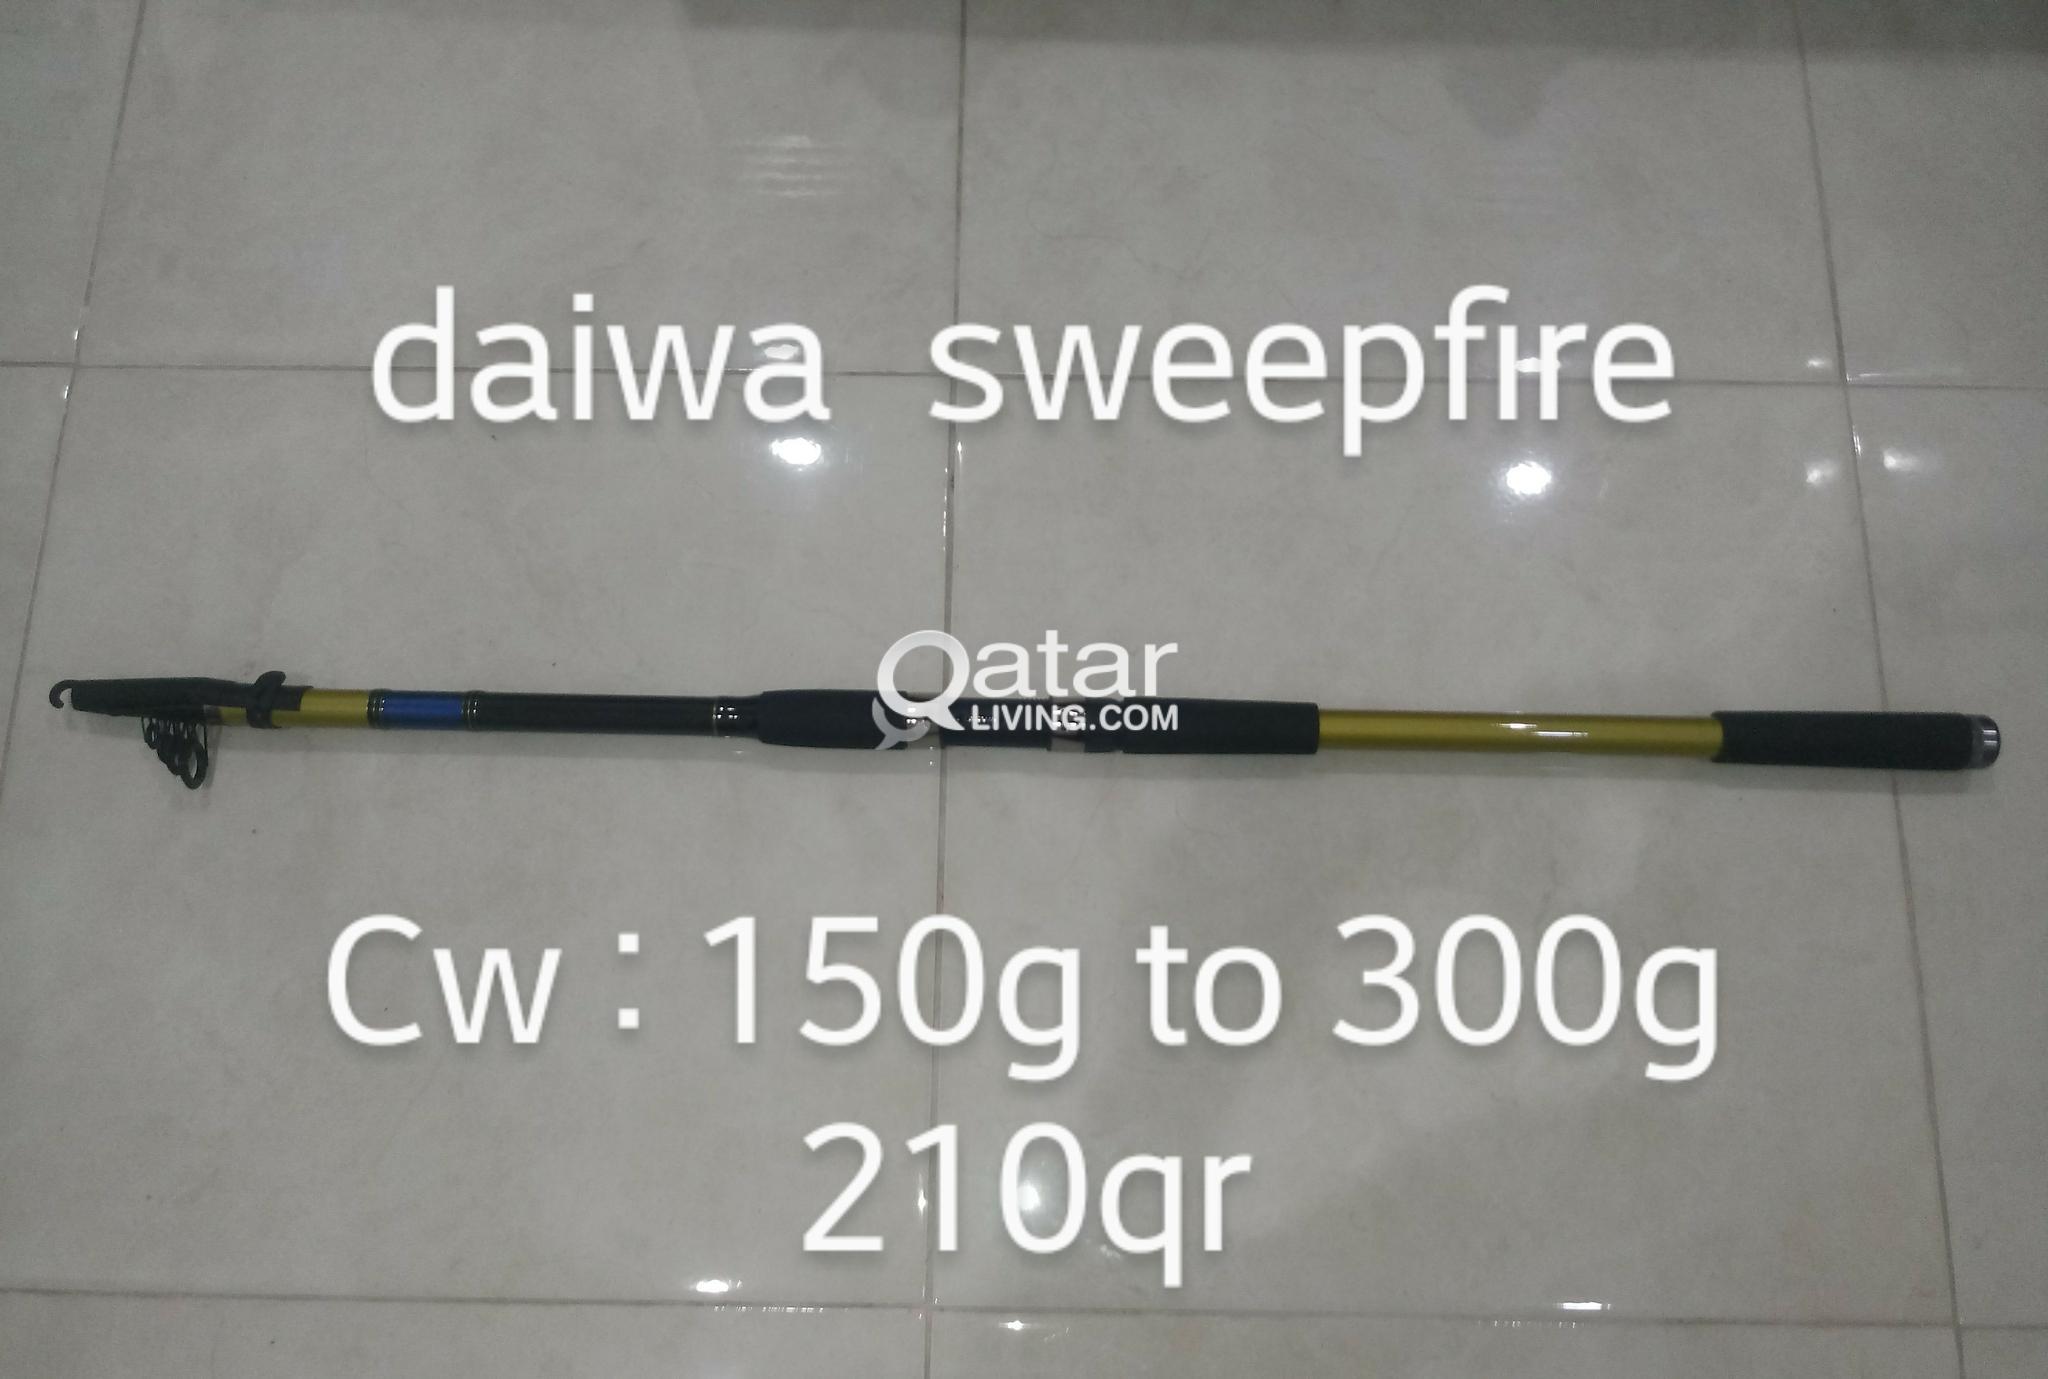 DAIWA/ABU GARCIA